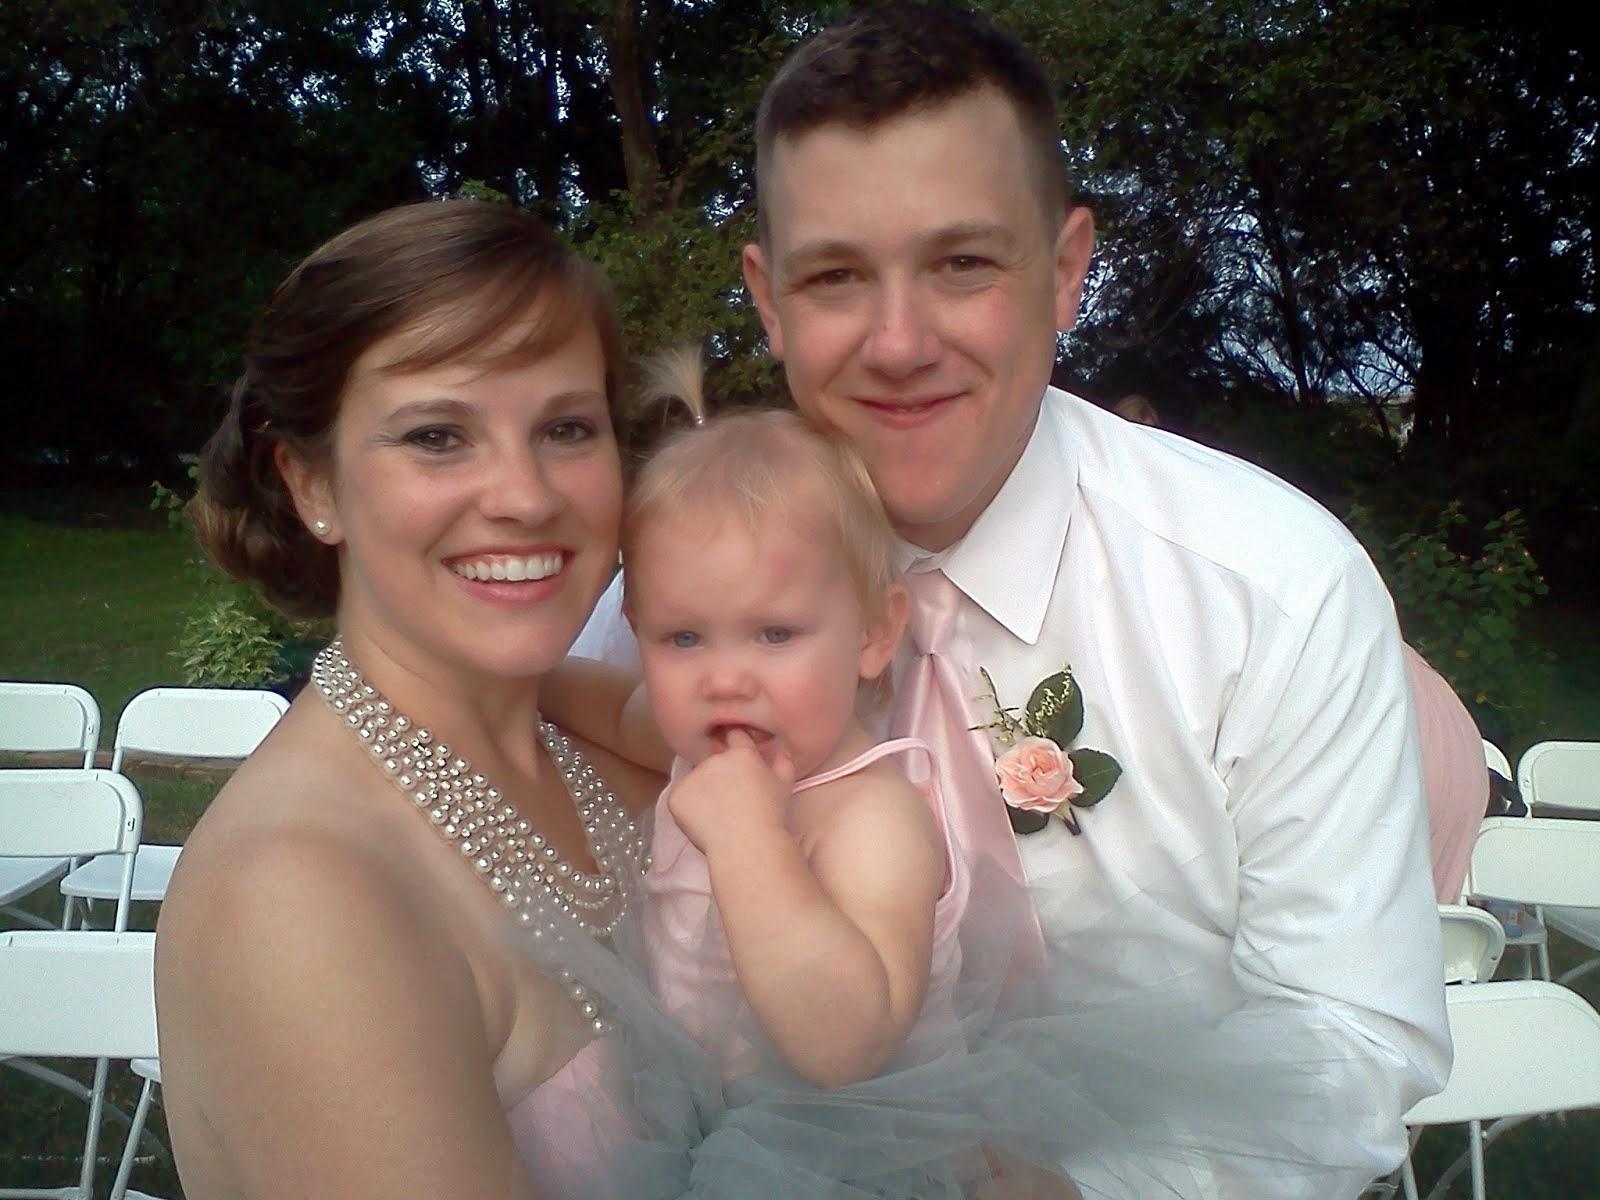 Family, Fall 2012